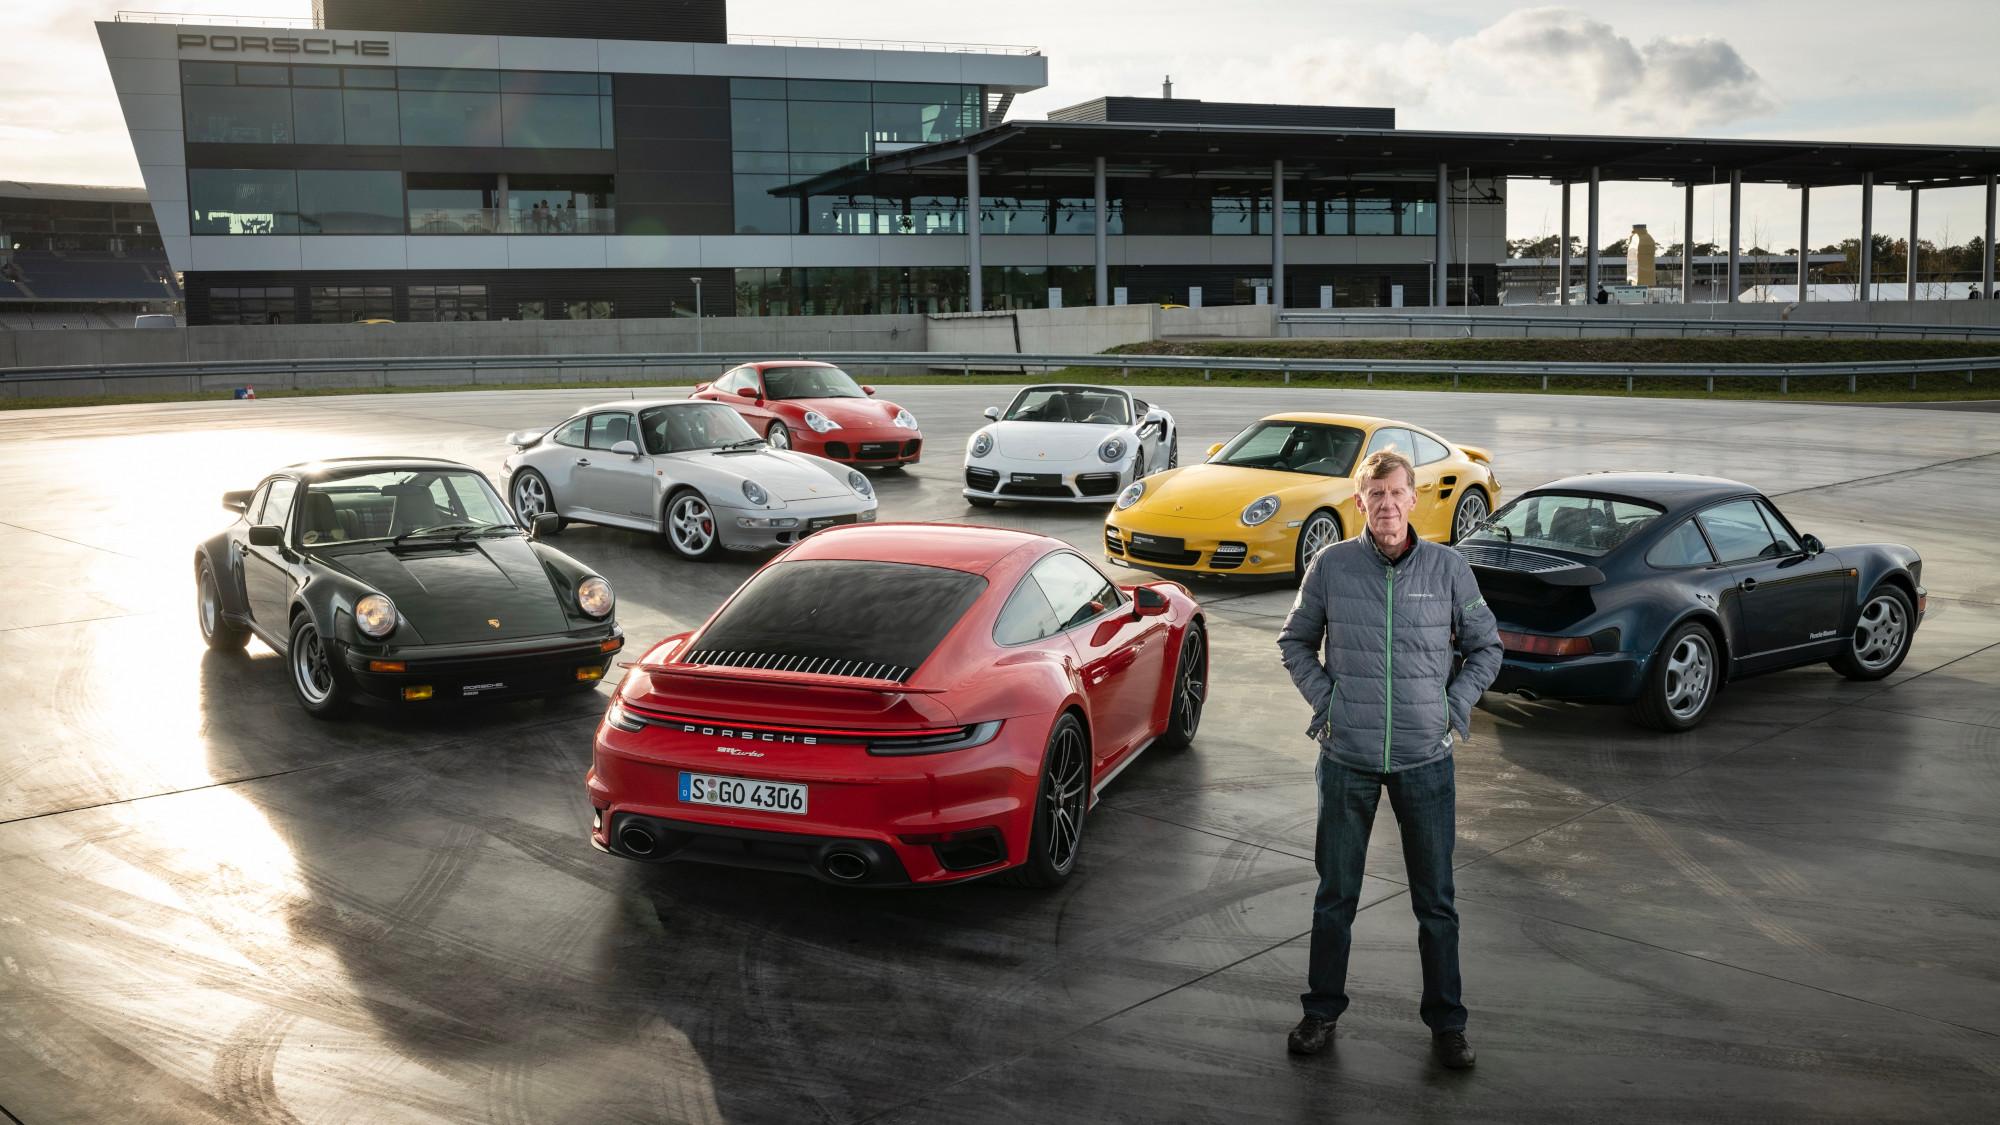 Lunes de leyenda: Porsche 911 Turbo, de la mano de Walter Röhrl